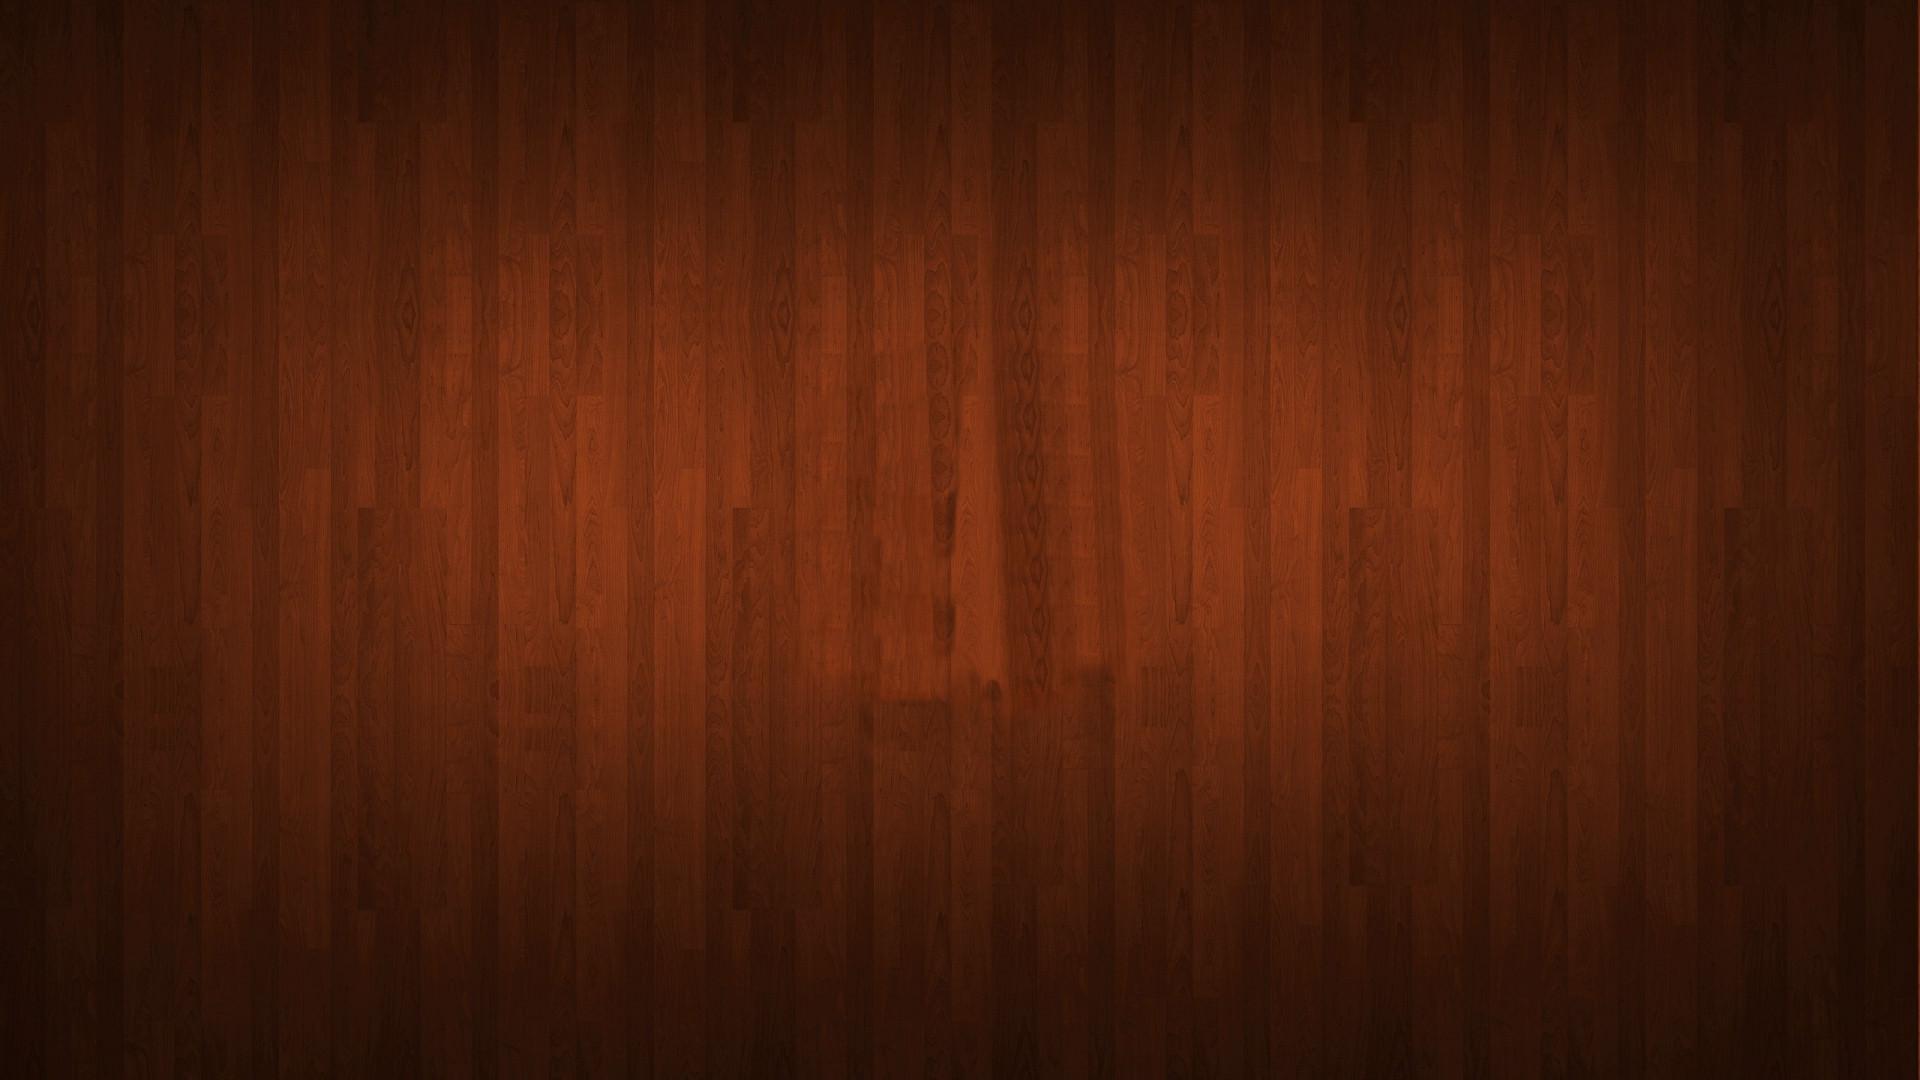 Wooden Solid Dark Background